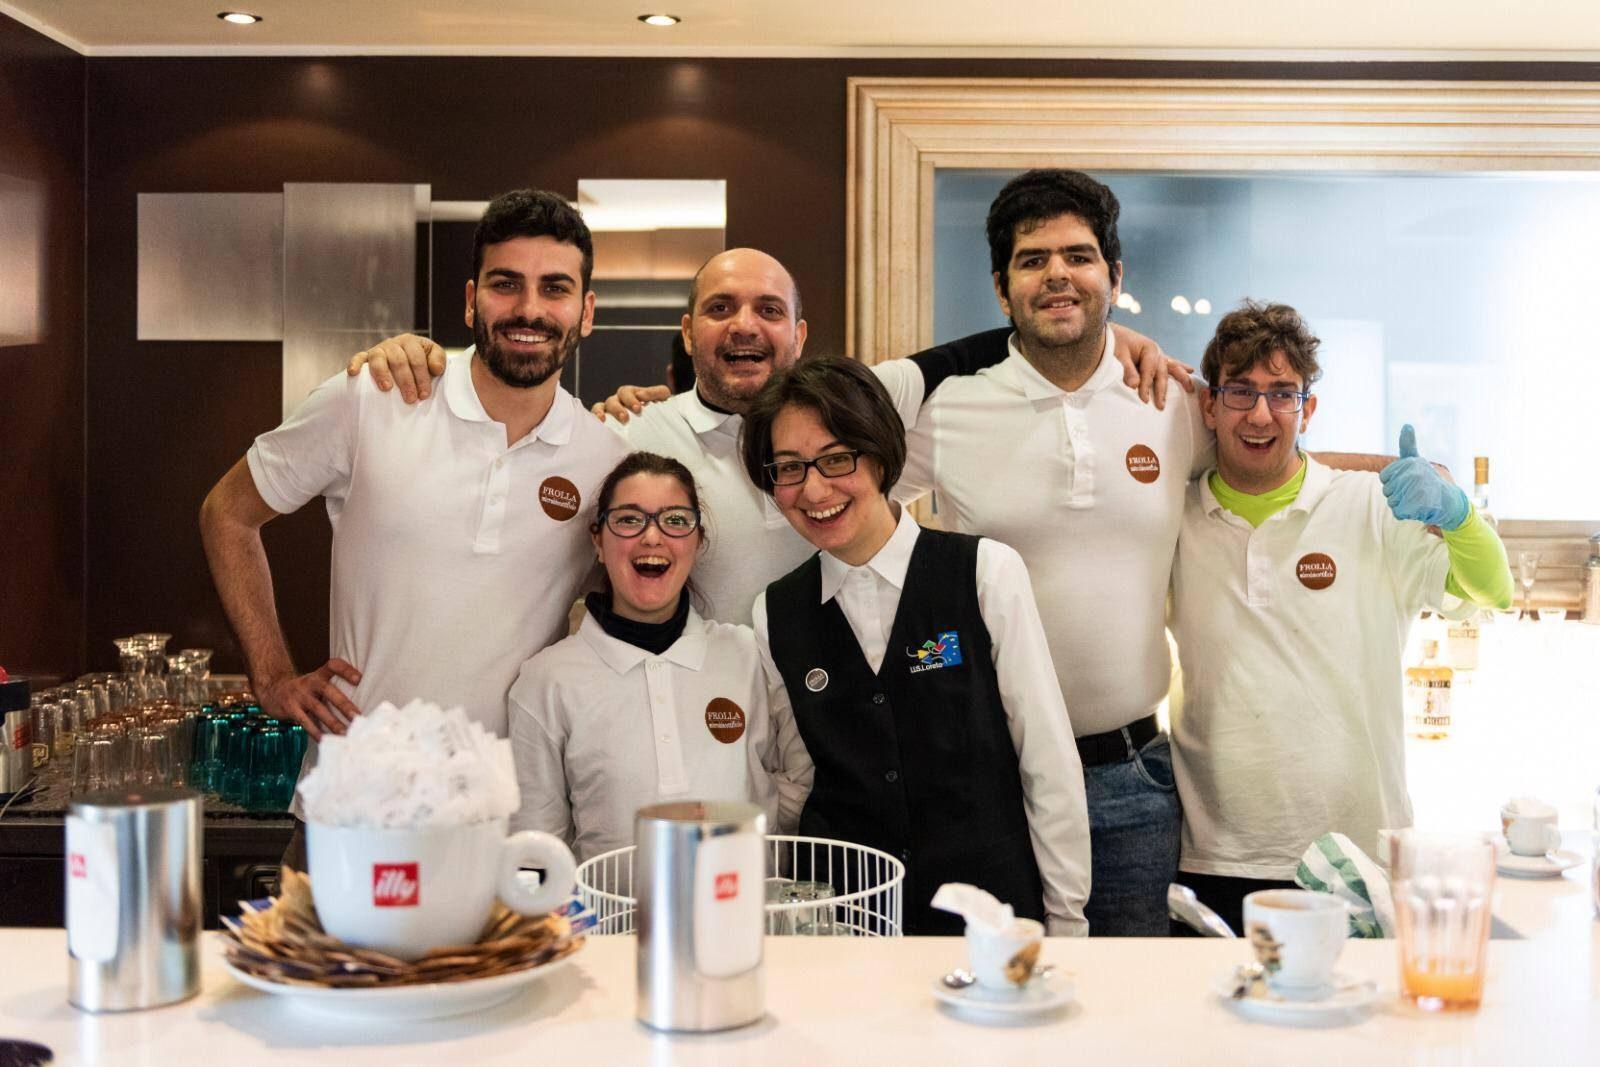 Il primo biscottificio gestito da ragazzi disabili vince il premio Cittadino Europeo